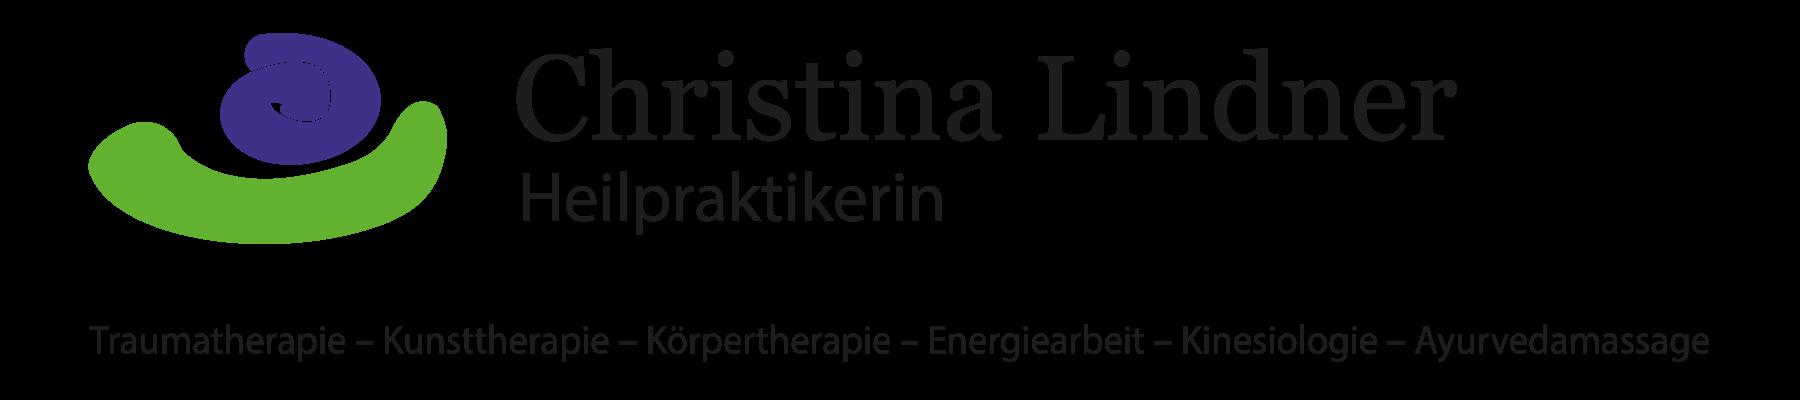 Christina Lindner